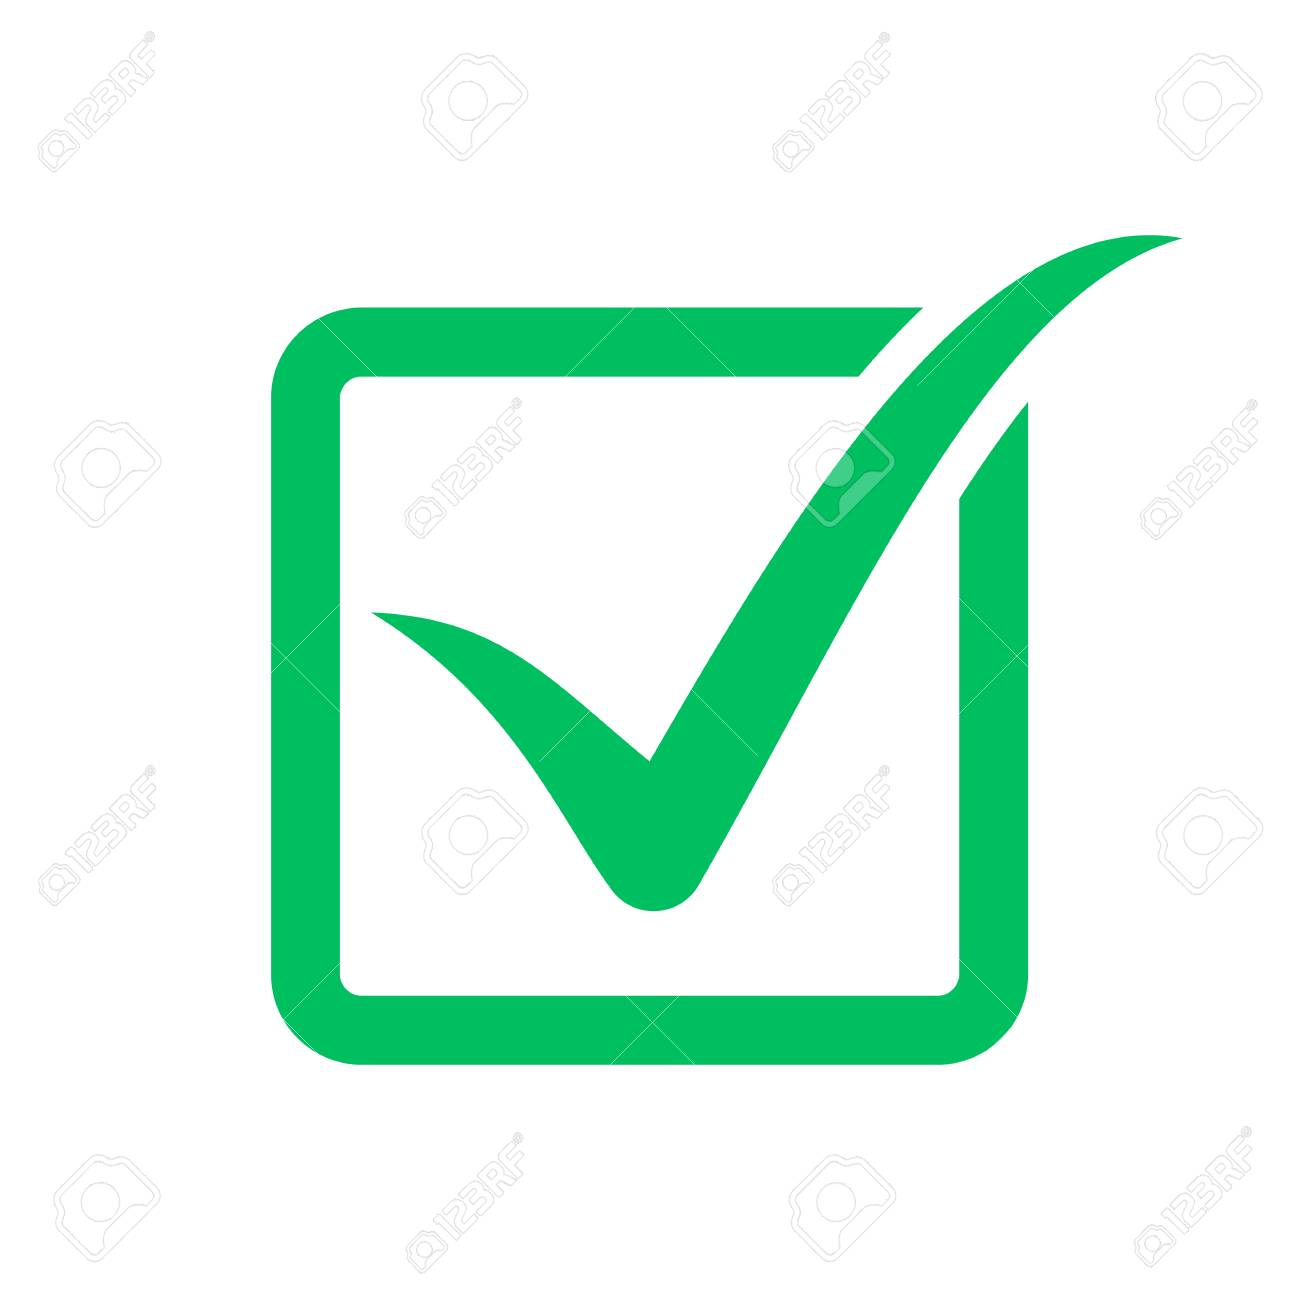 Check mark symbol, check box icon - 114282010